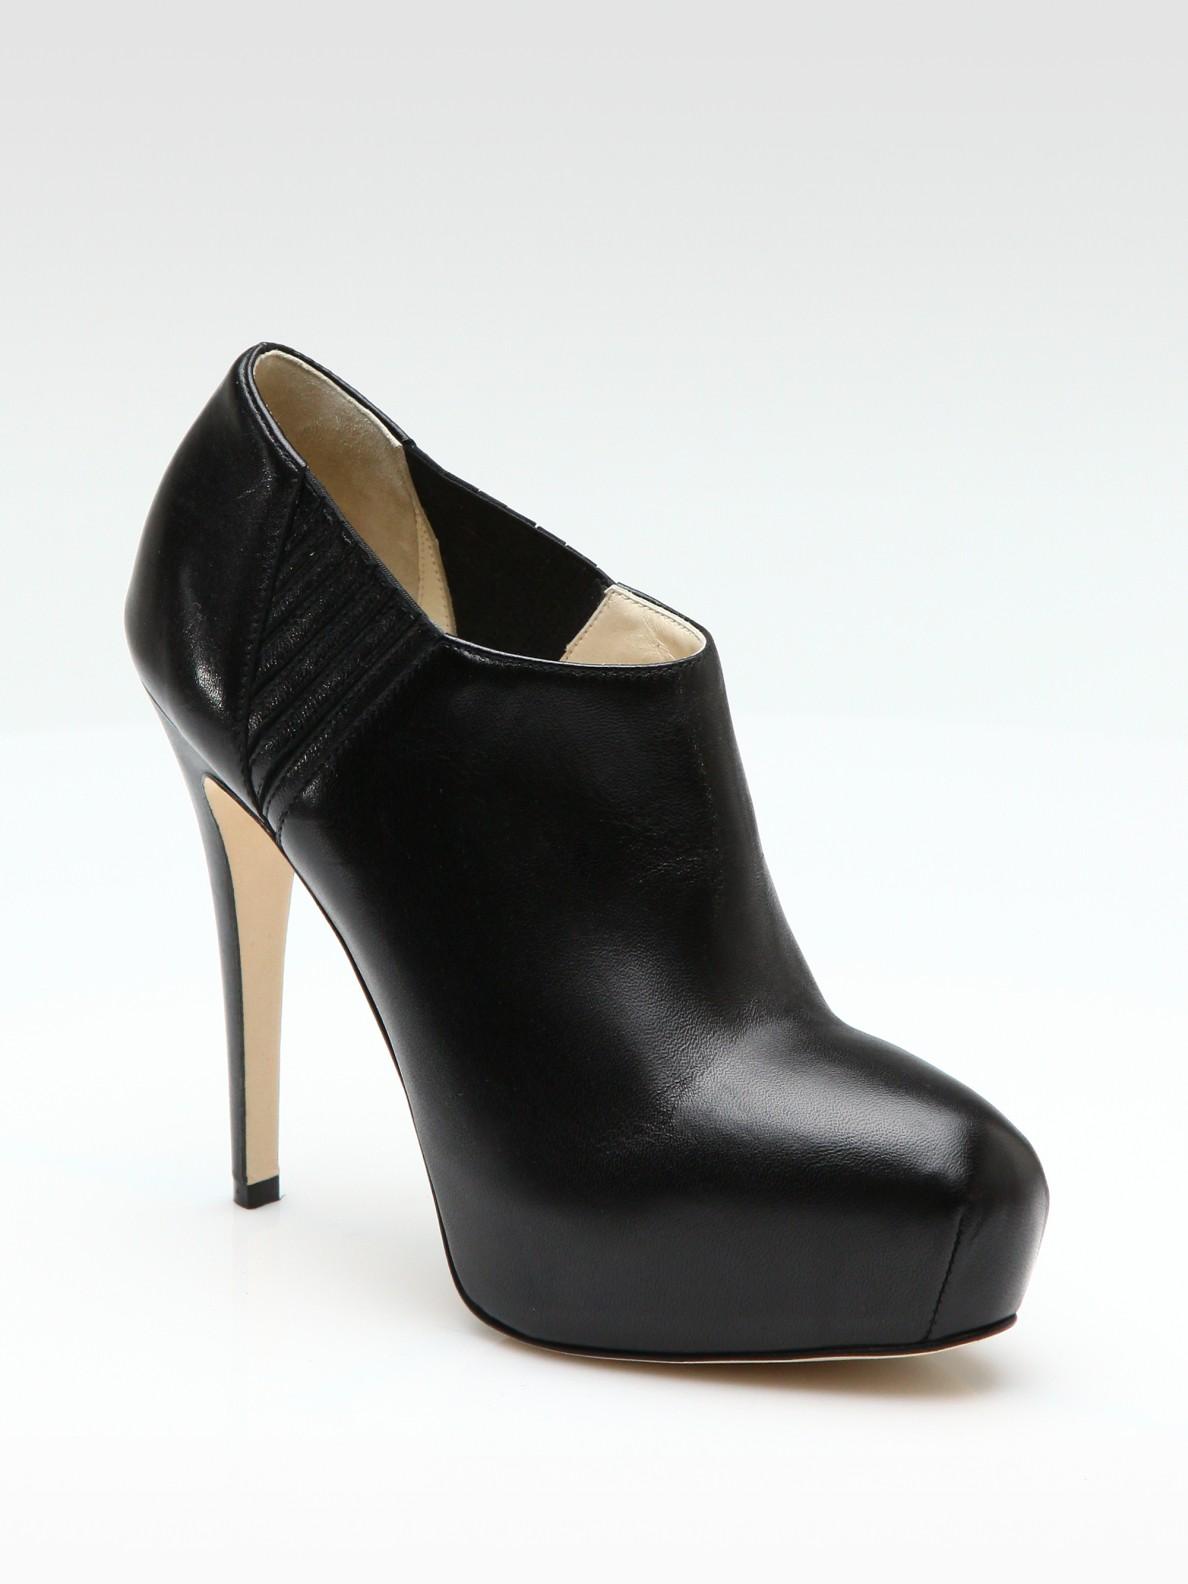 Rag And Bone Womens Shoes Platform